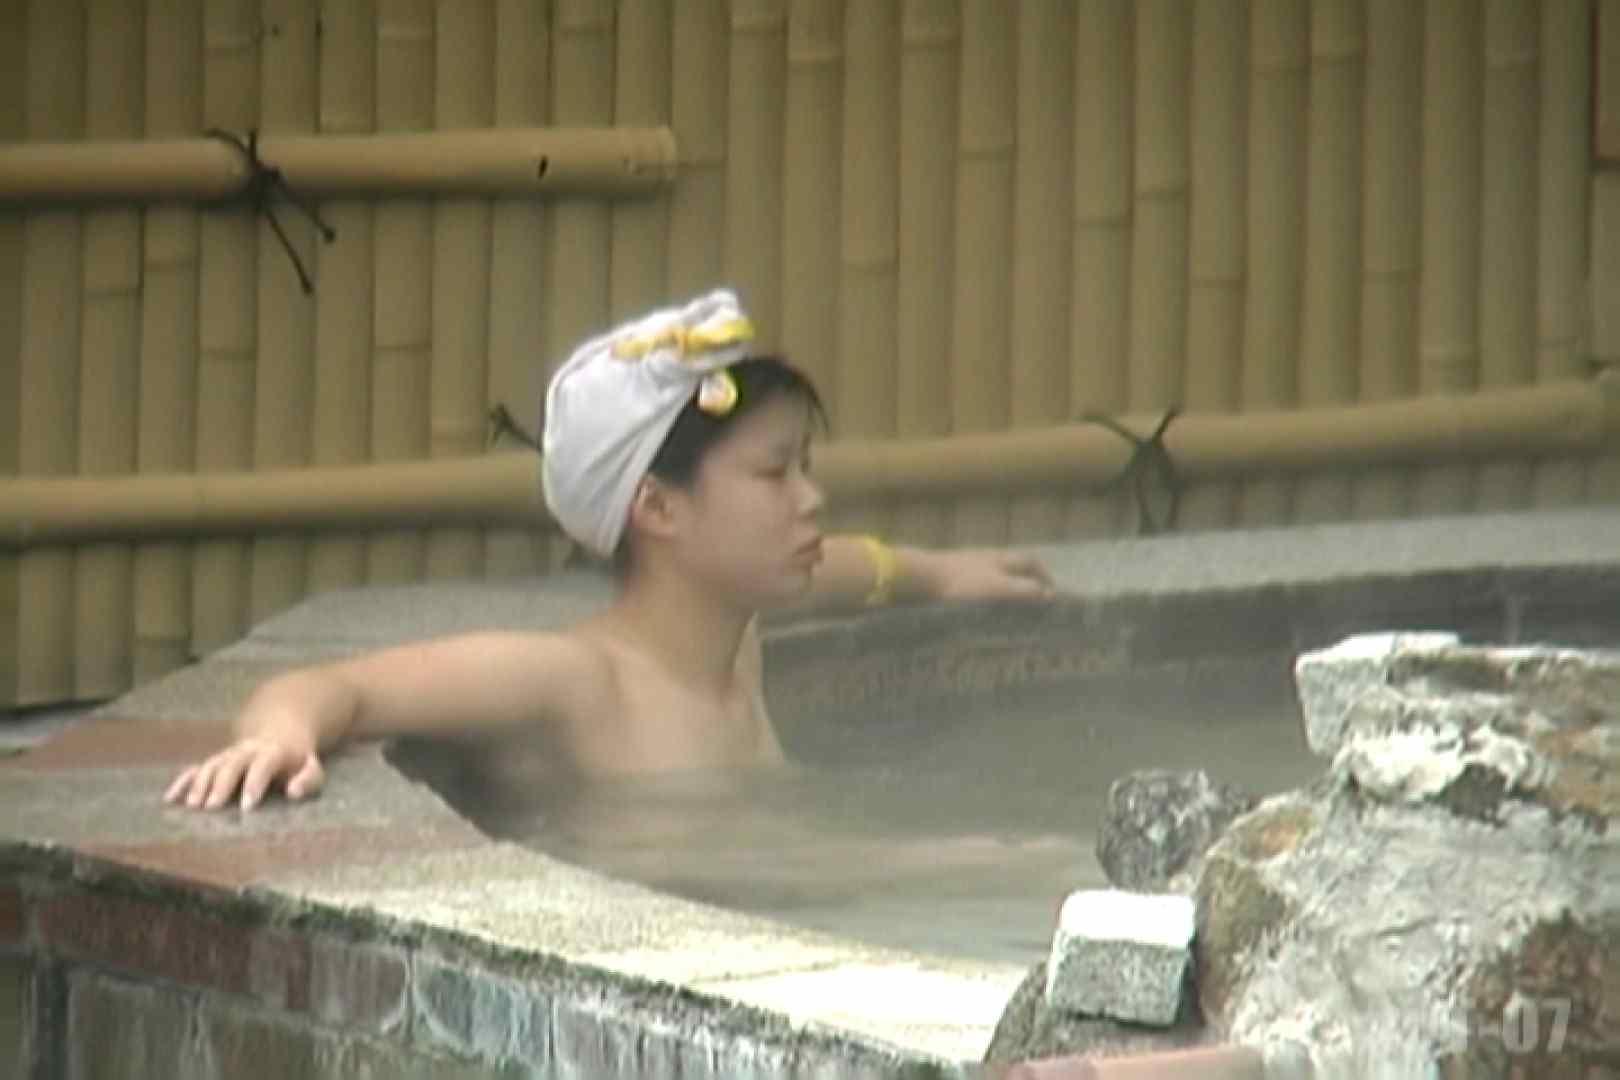 Aquaな露天風呂Vol.768 OLのエロ生活 のぞき動画画像 113連発 113